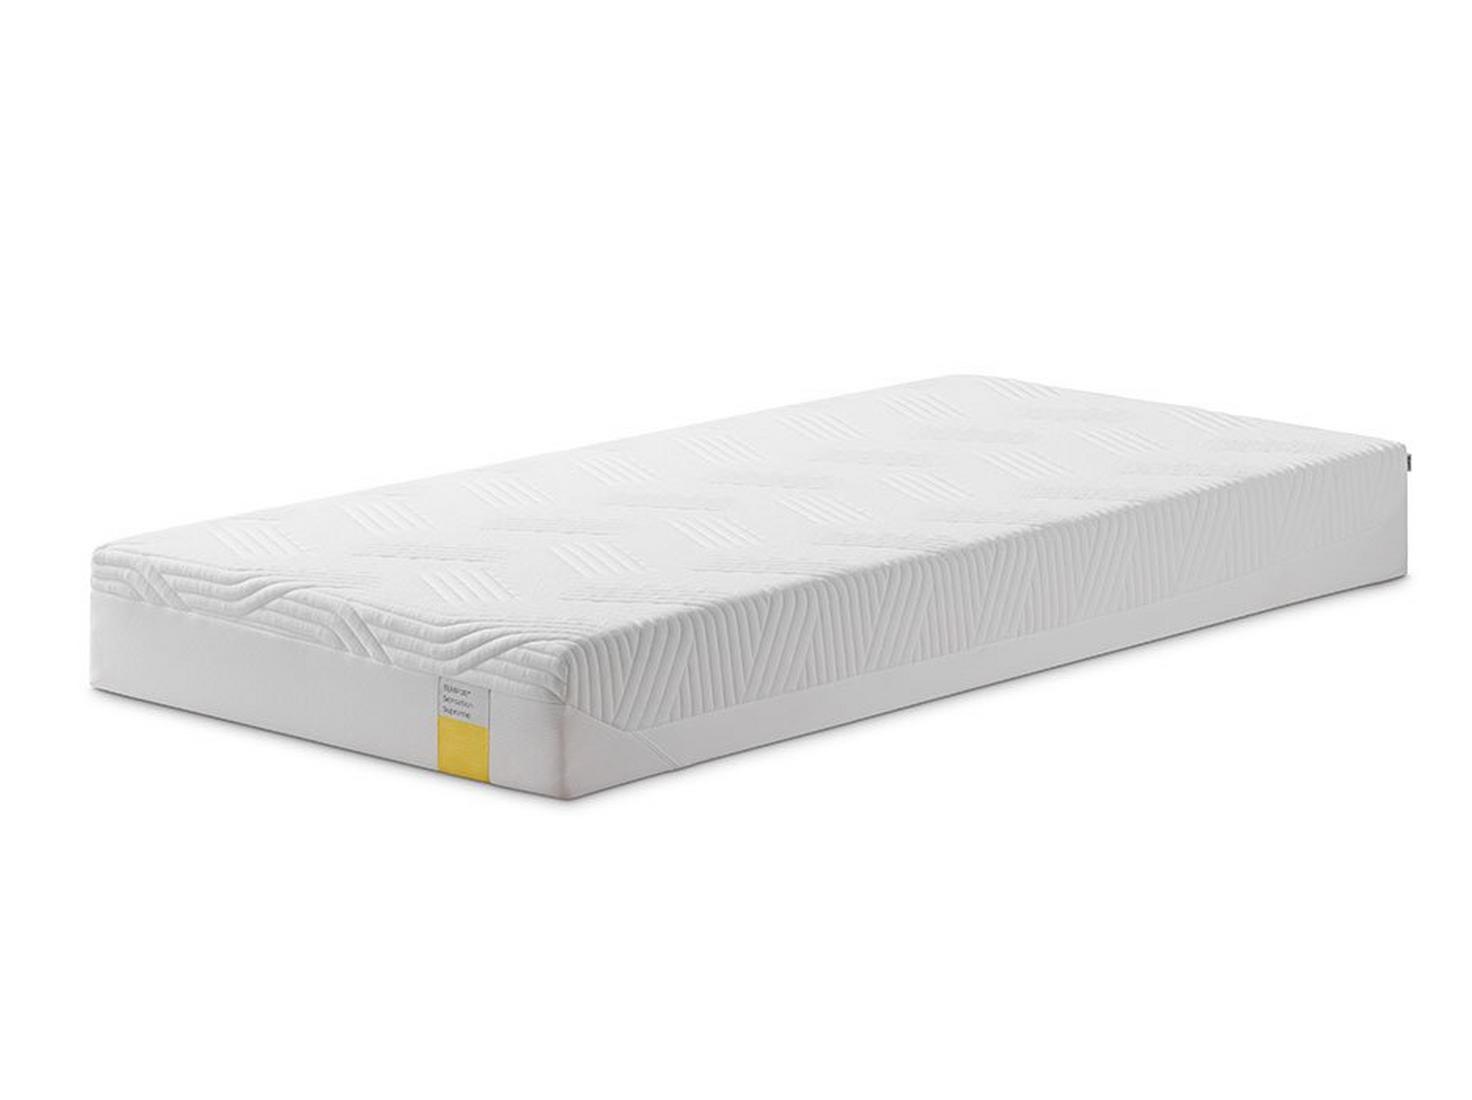 【送料無料】 テンピュール マットレス センセーションスプリーム21 tempur Sensation Supreme21 センセーション スプリーム 寝具 シングルサイズ(代引対象外)